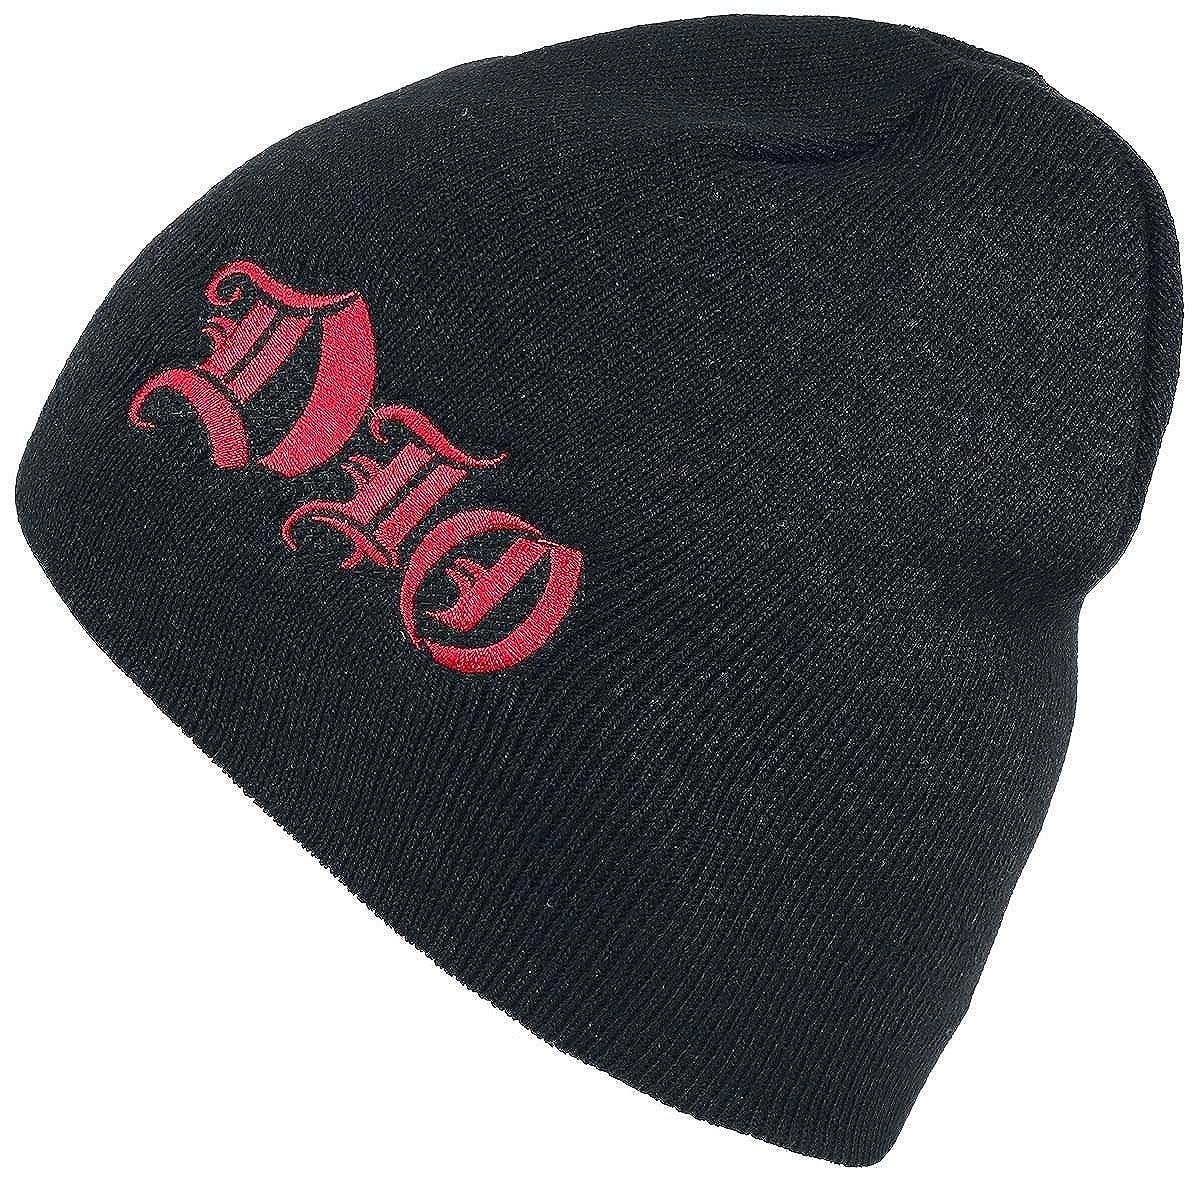 Dio Beanie Hat Cap Band Logo Ronnie James Official New Black